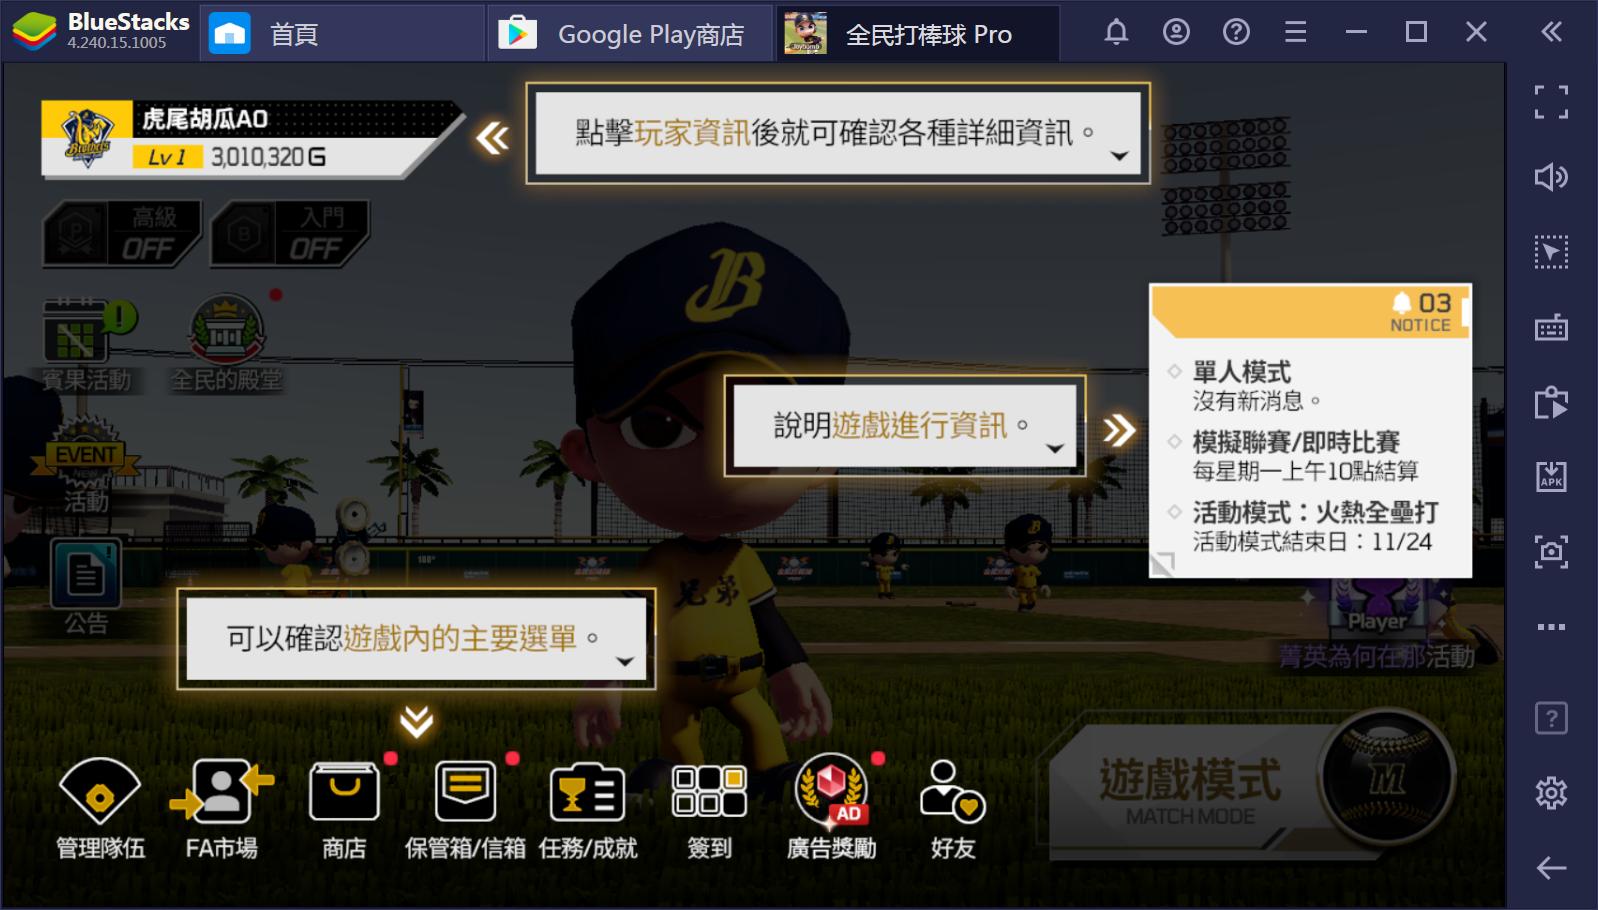 使用BlueStacks在PC上遊玩全民運動遊戲《全民打棒球Pro》